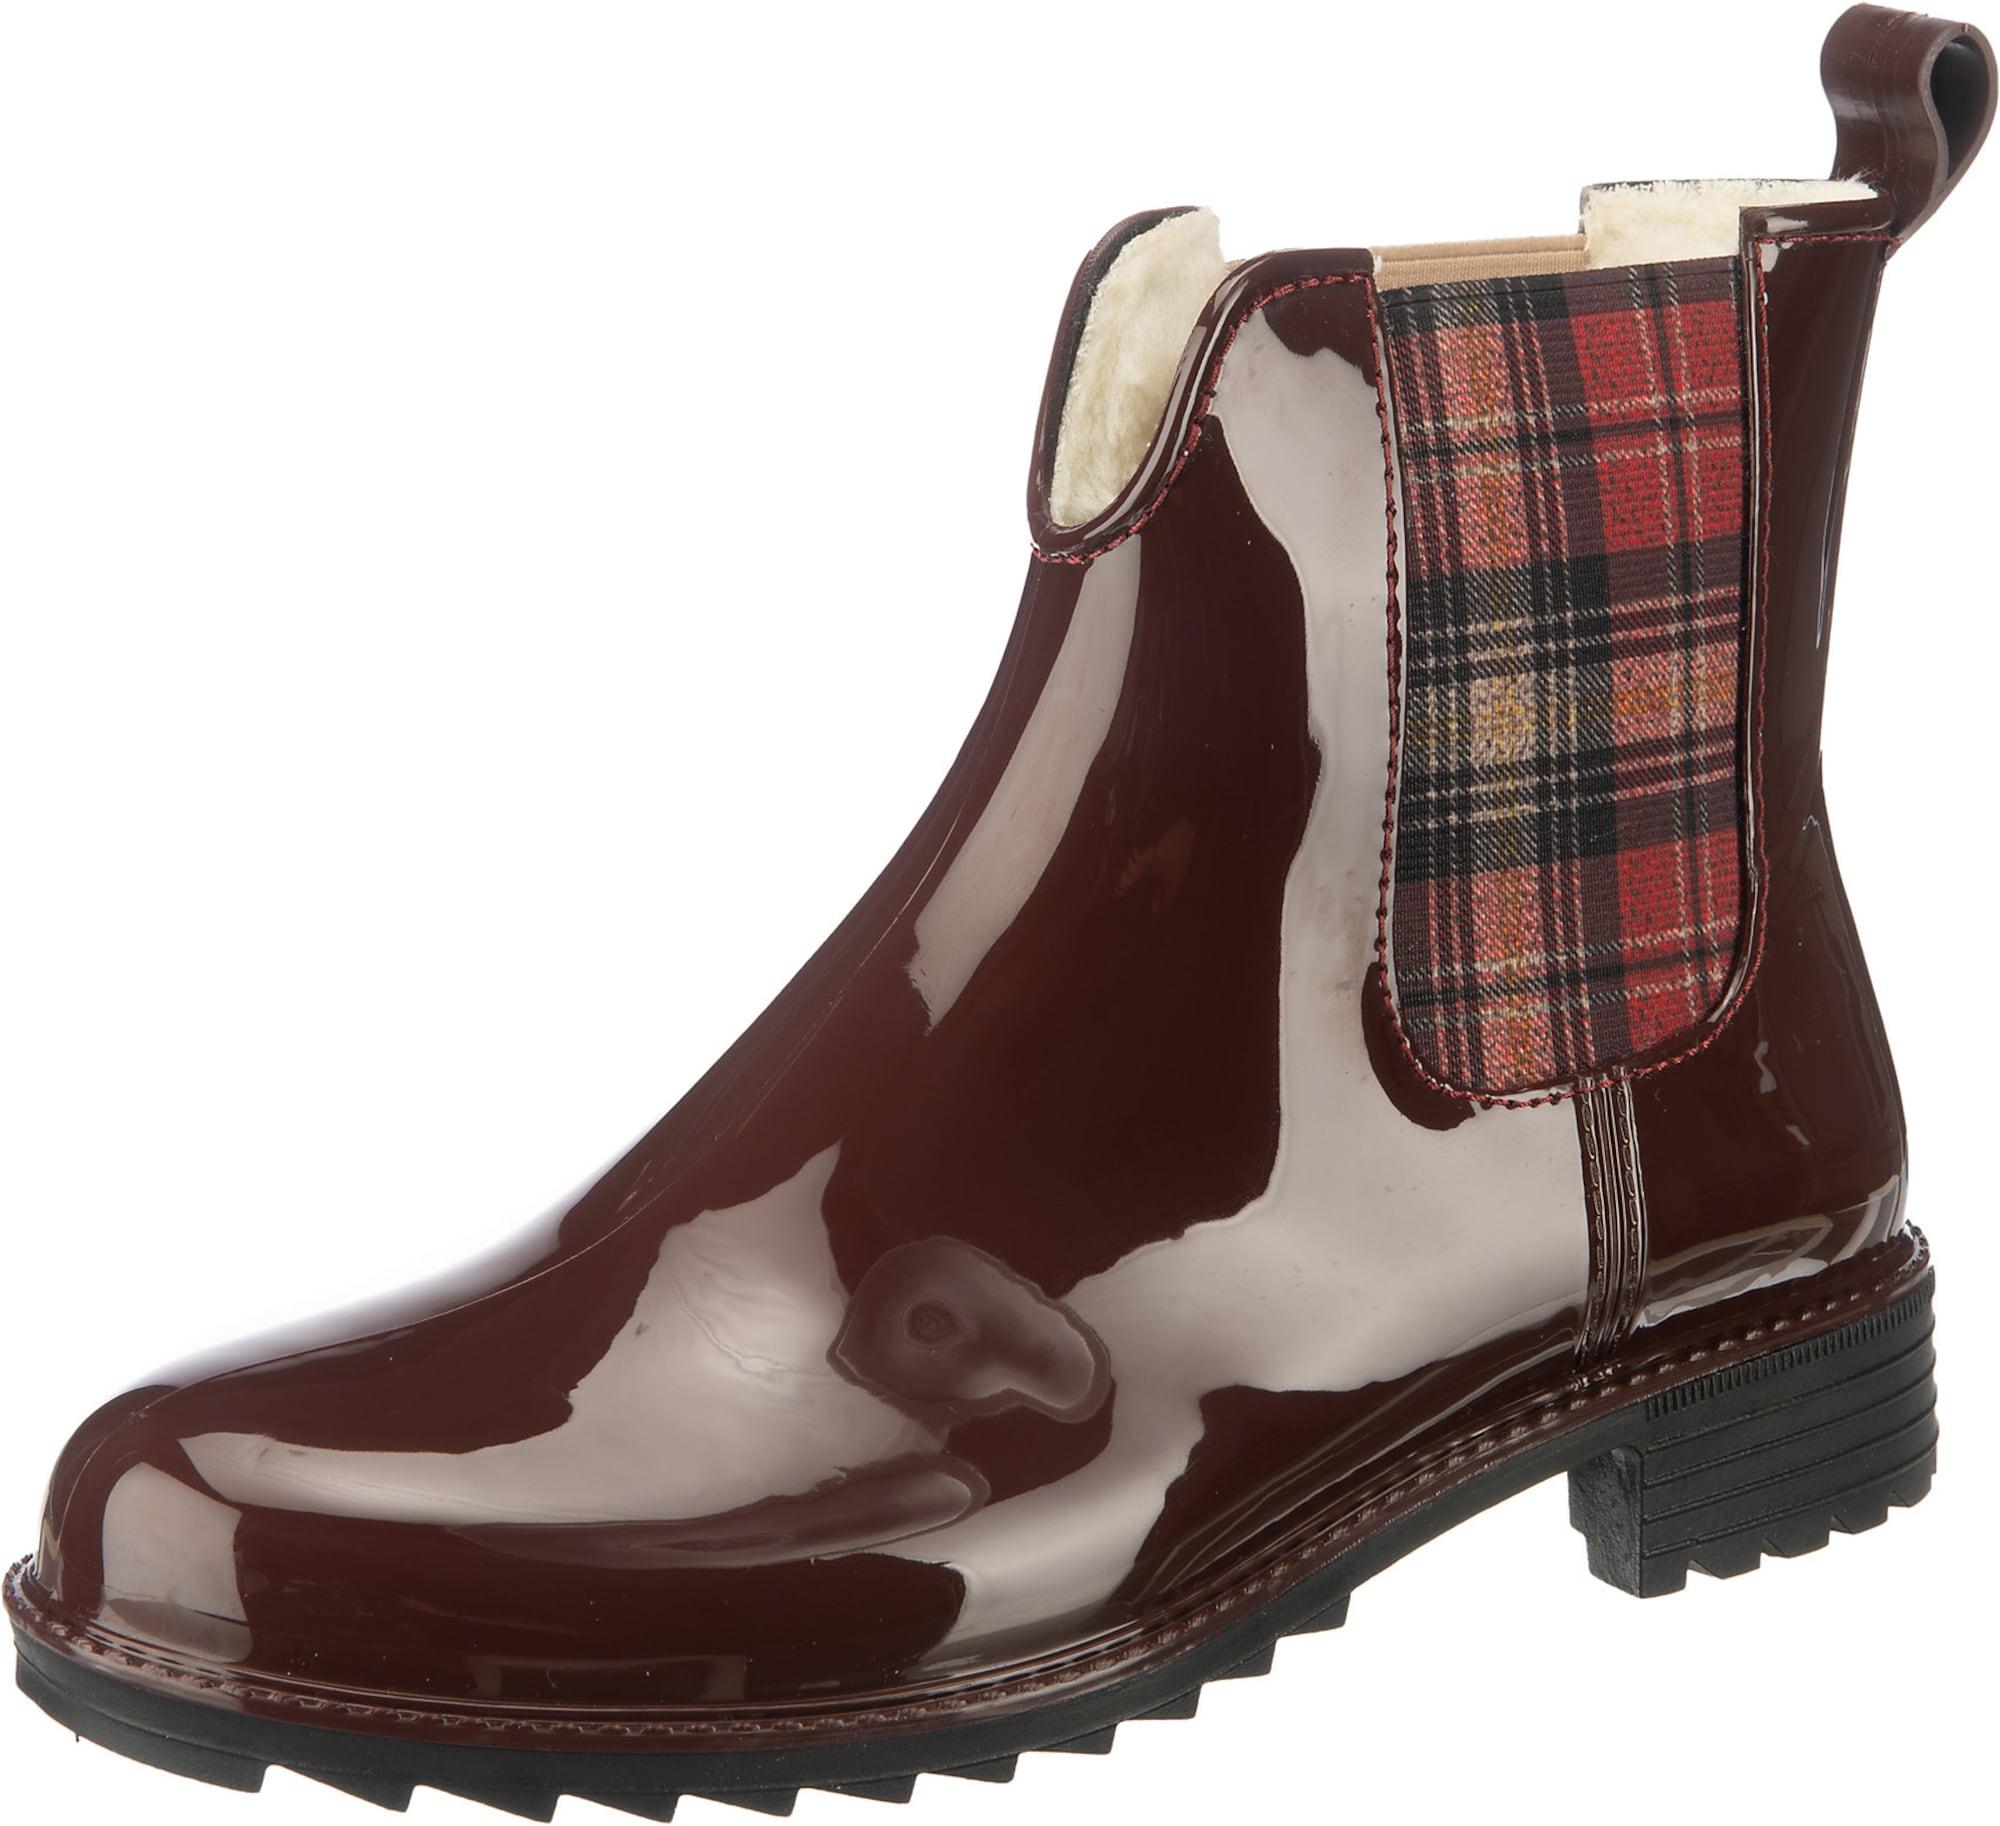 RIEKER Guminiai batai vyno raudona spalva / pastelinė raudona / šviesiai pilka / kremo / juoda